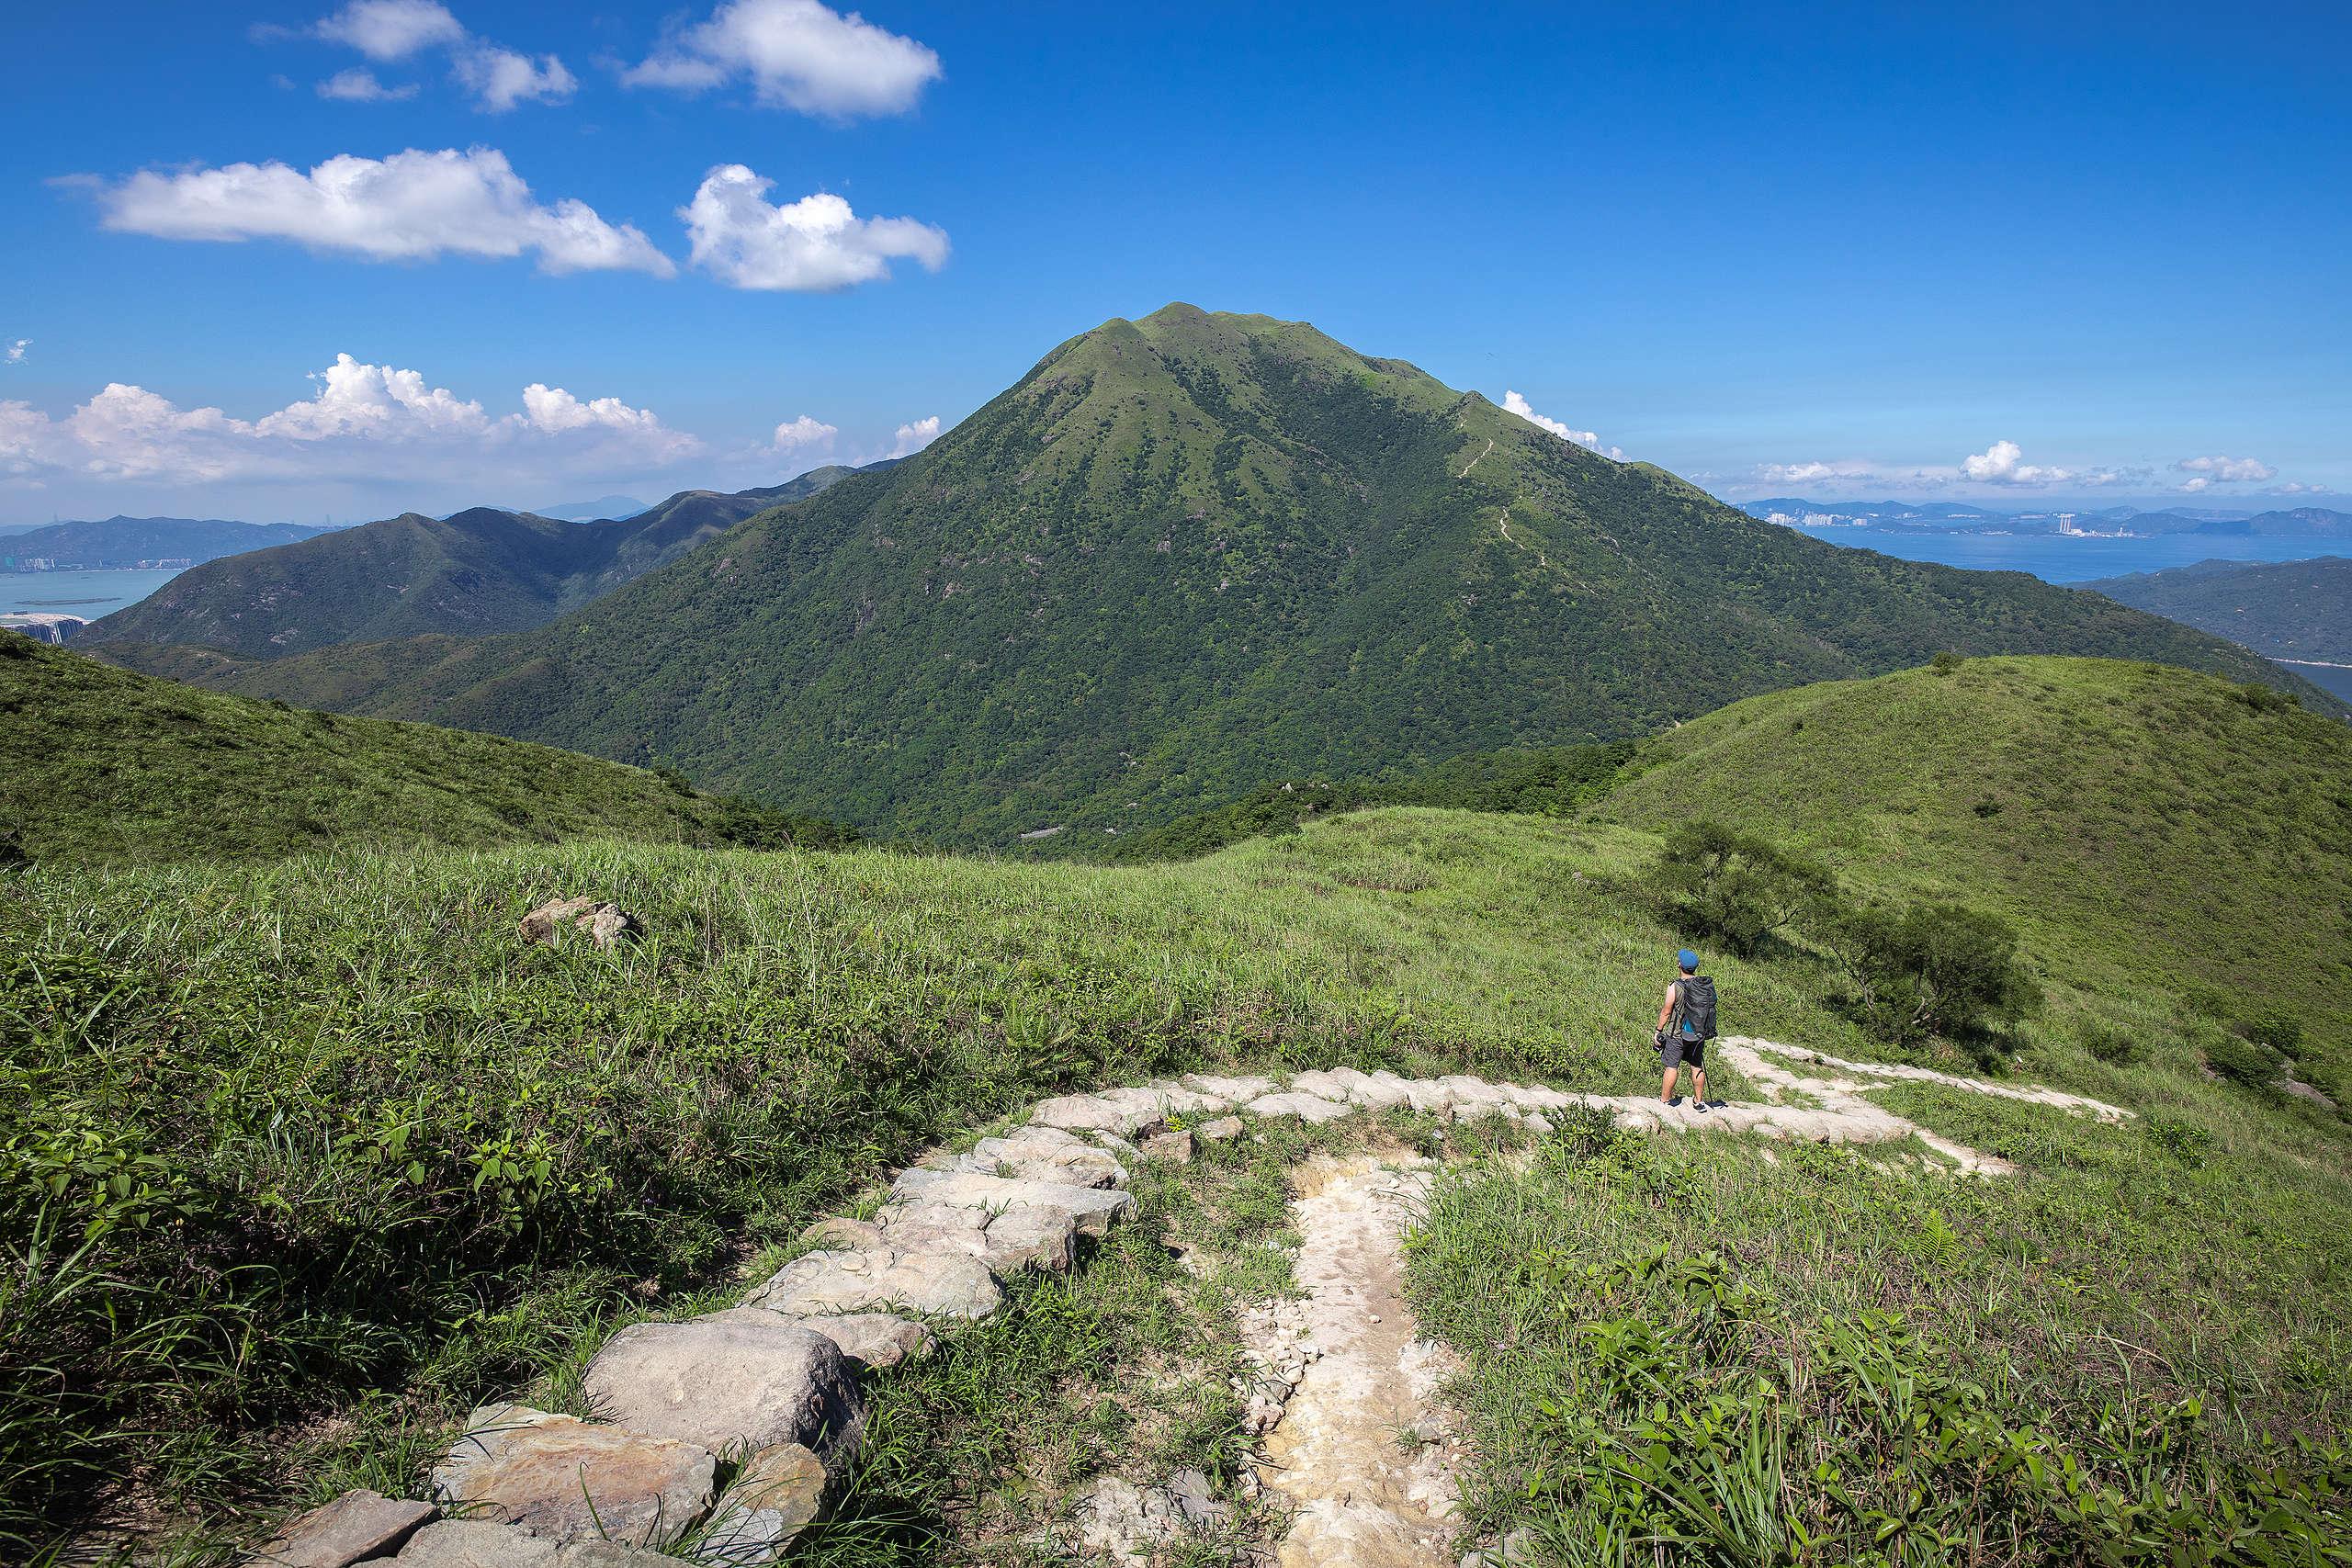 從鳳凰徑望大東山。 (1/200s F8 ISO200)© Kelvin Yuen